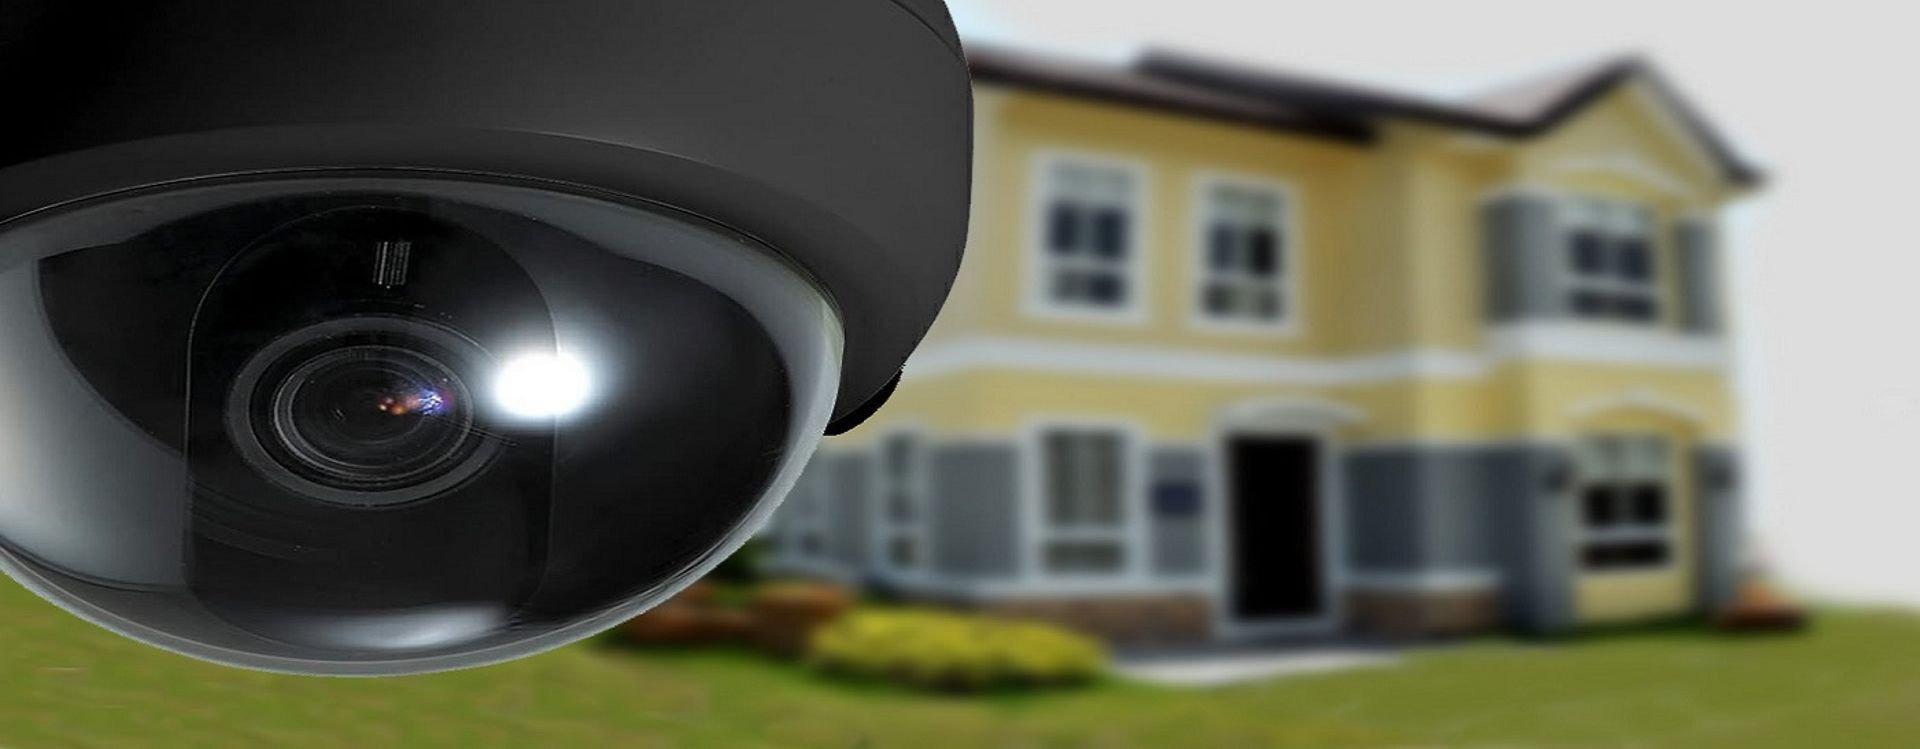 نصائح لاختيار نظام كاميرات المراقبة المناسب لاحتياجاتك